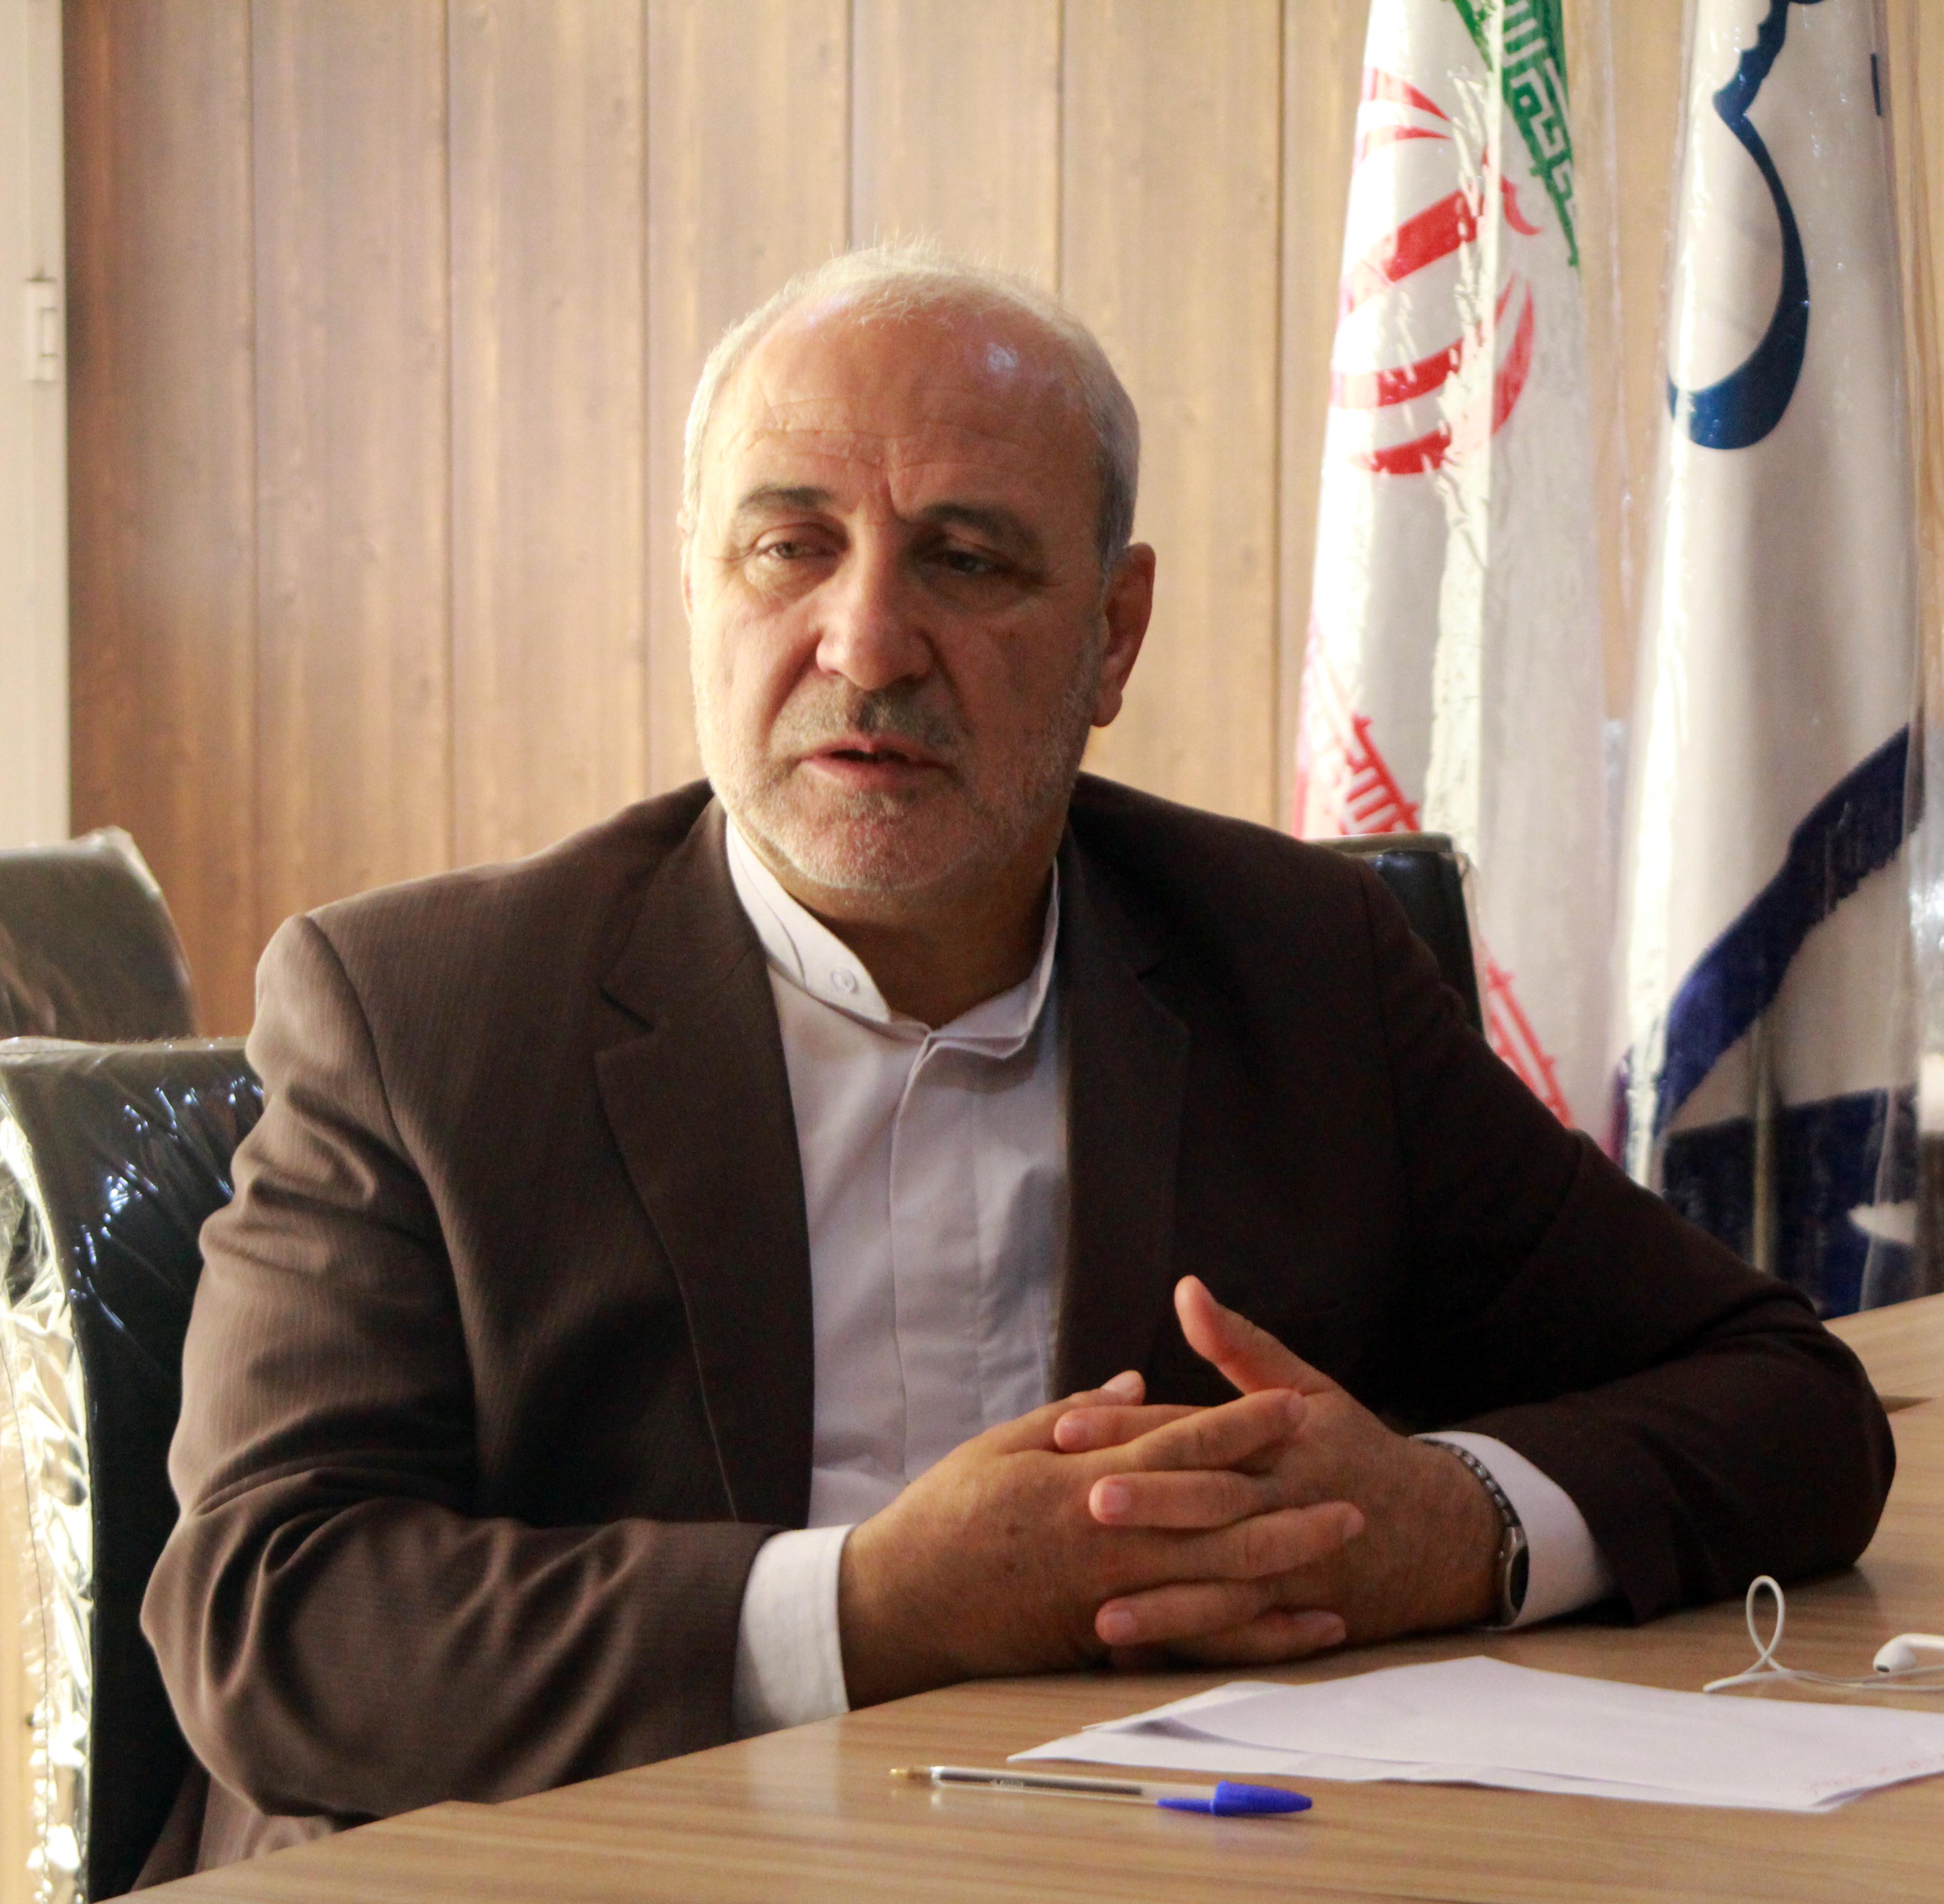 روزنامه وطن امروزنوشت؛درباره سرقت اسناد ایران در لاهه از ظریف سؤال میکنیم